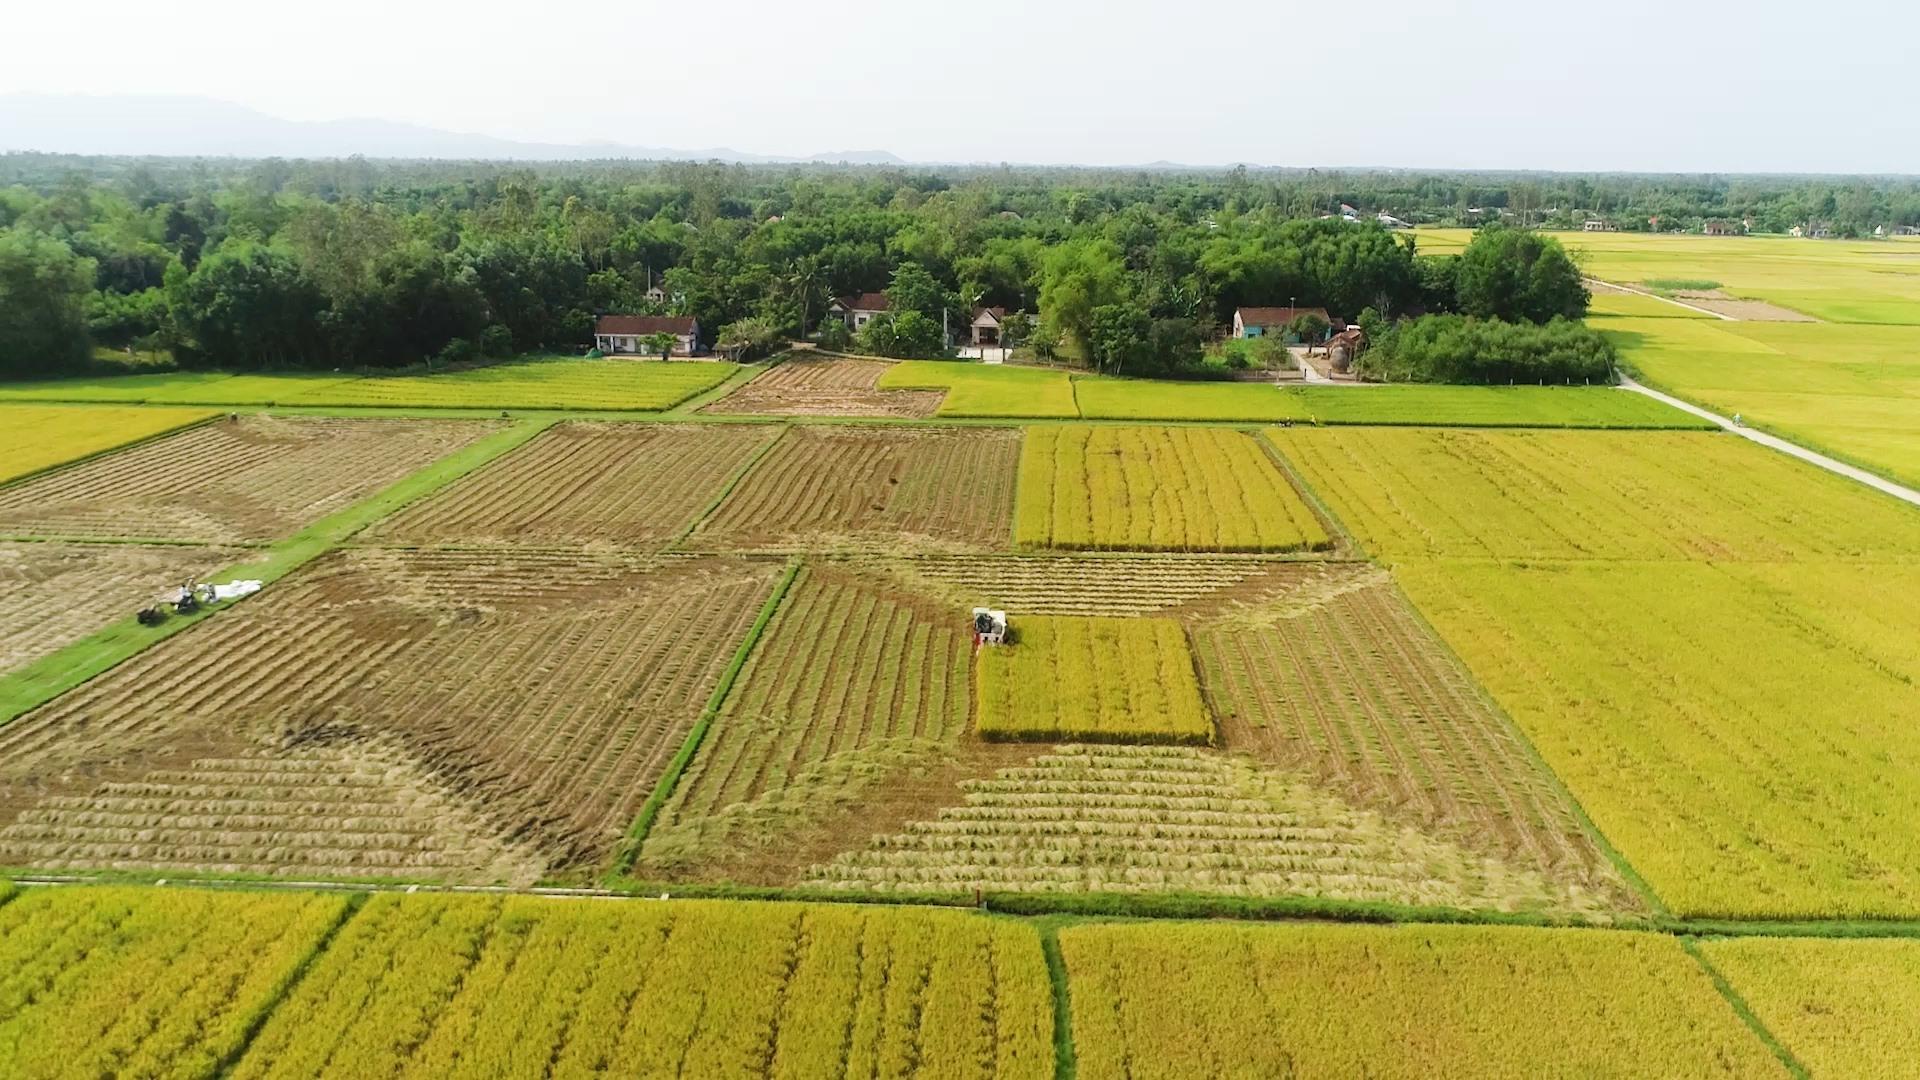 Tích tụ tập trung ruộng đất giúp các HTX thuận lợi liên kết với công ty để sản xuất lúa giống, đem lại hiệu quả kinh tế cao hơn. Ảnh: M.T